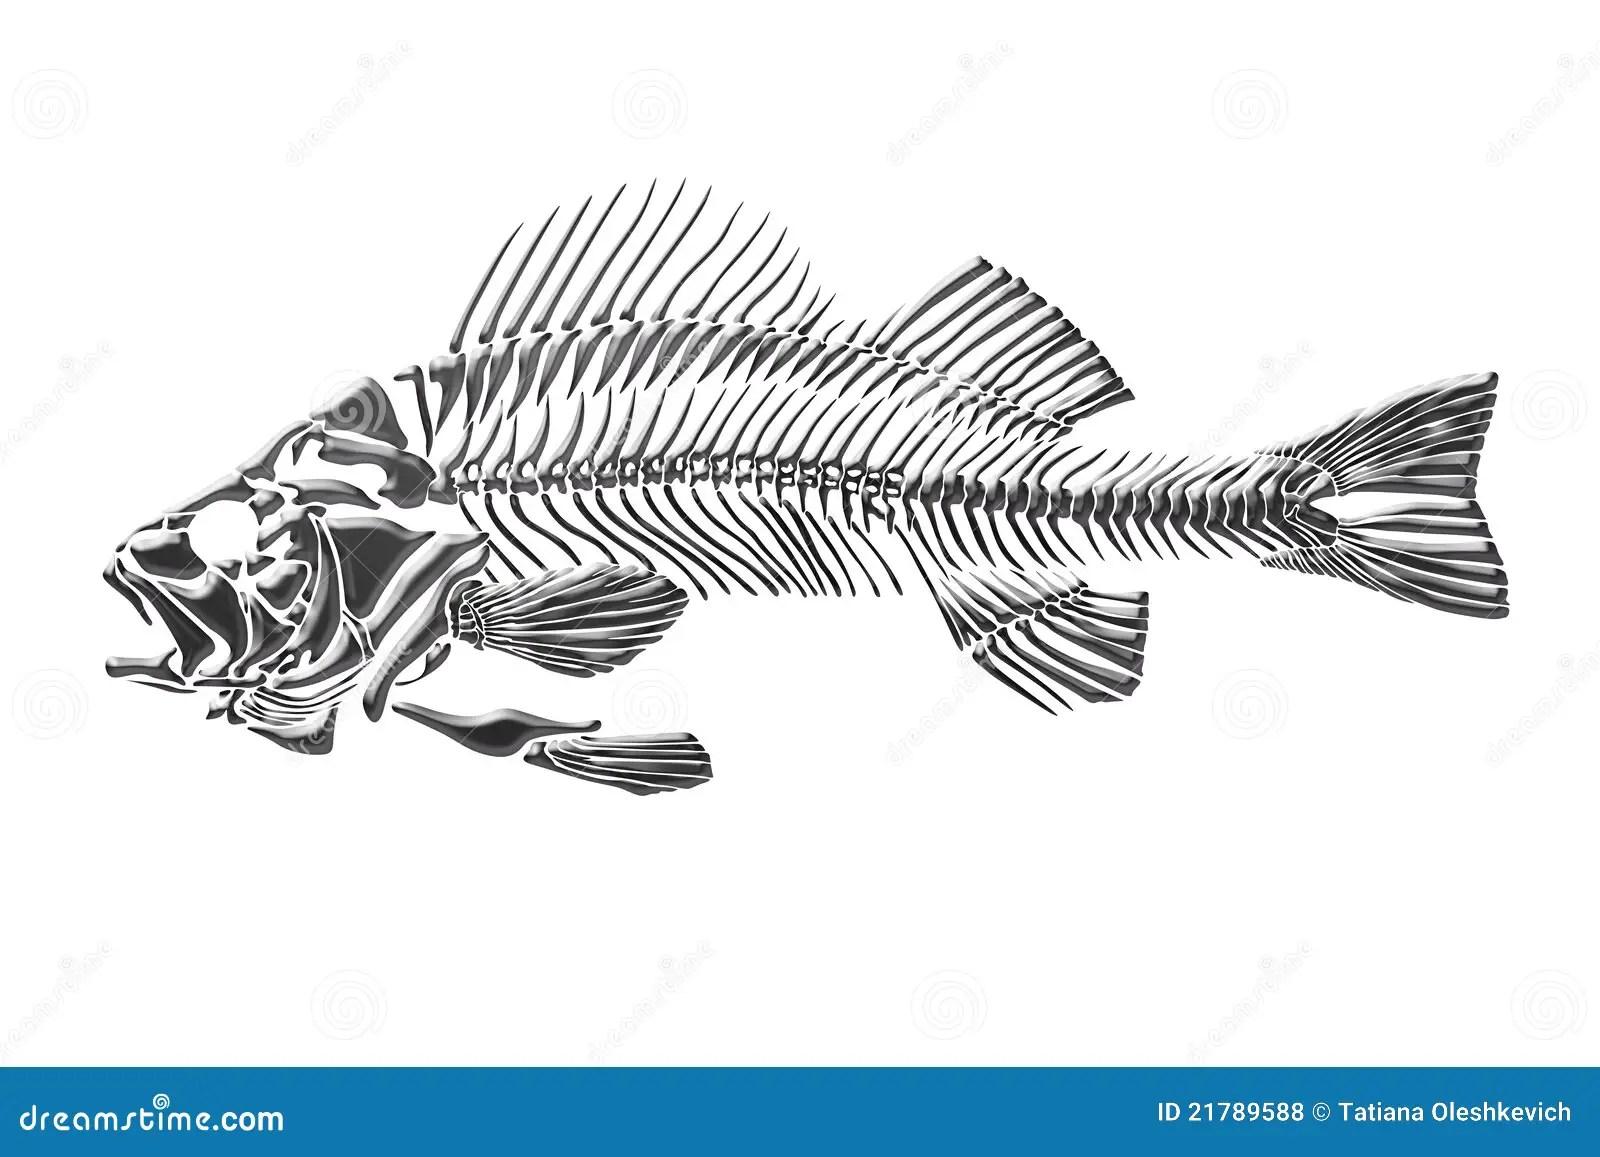 Download Koi Fish 3d Wallpaper Skeleton Fish Royalty Free Stock Photos Image 21789588